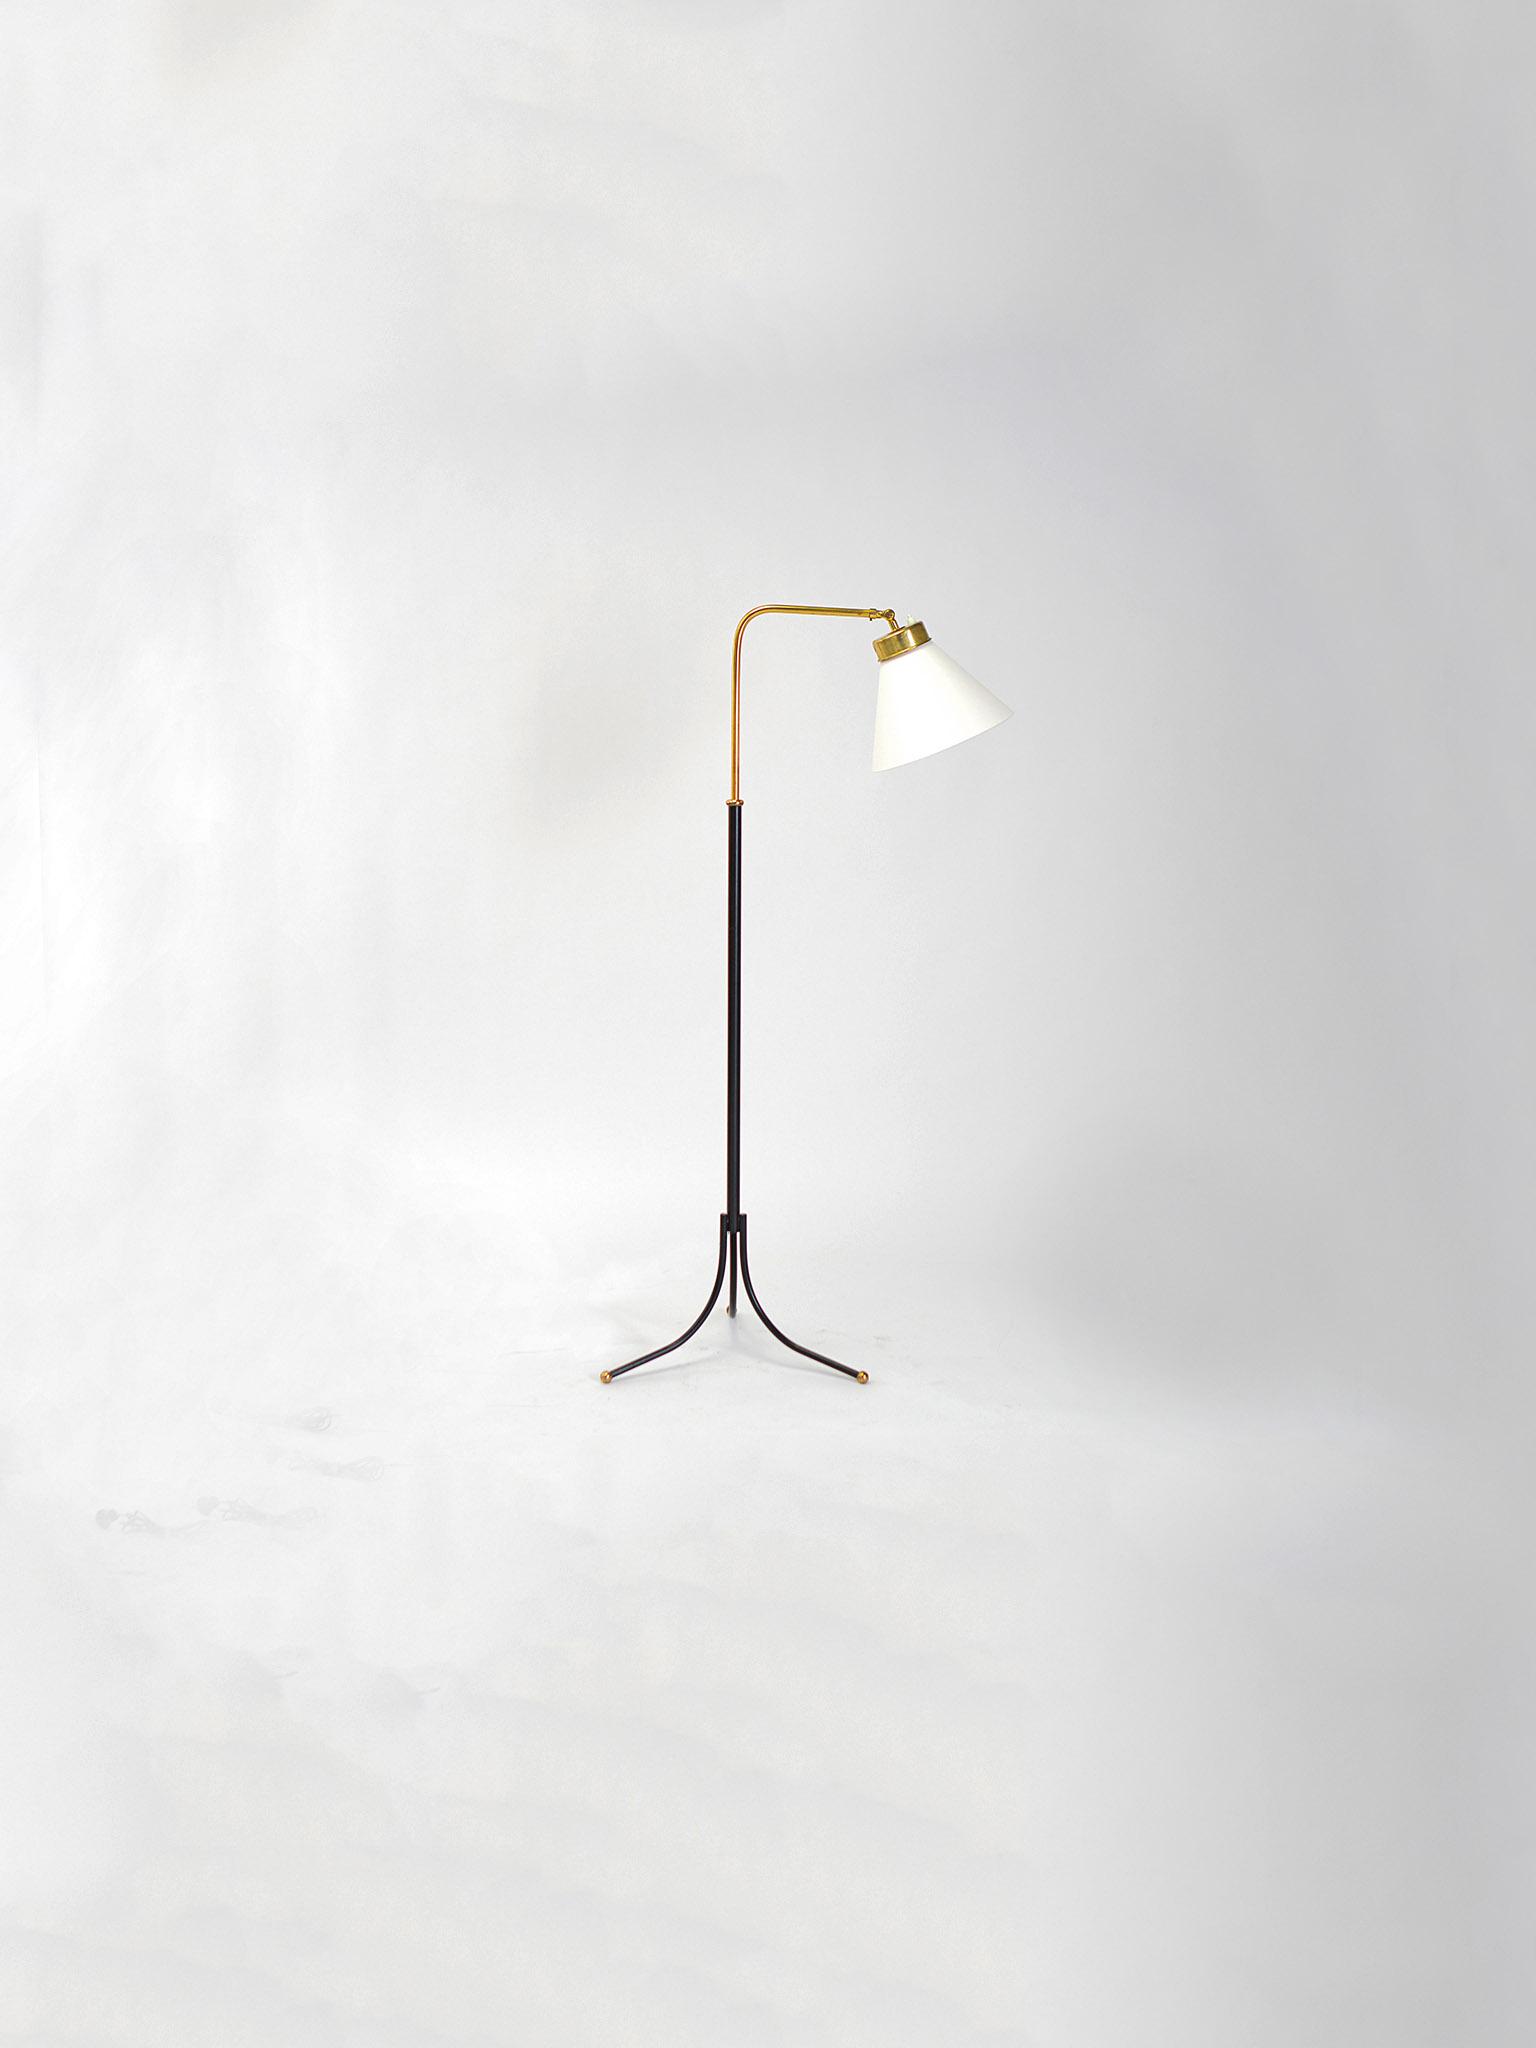 FLOOR LAMP 1842 BY JOSEF FRANK FOR FIRMA SVENSKT TENN